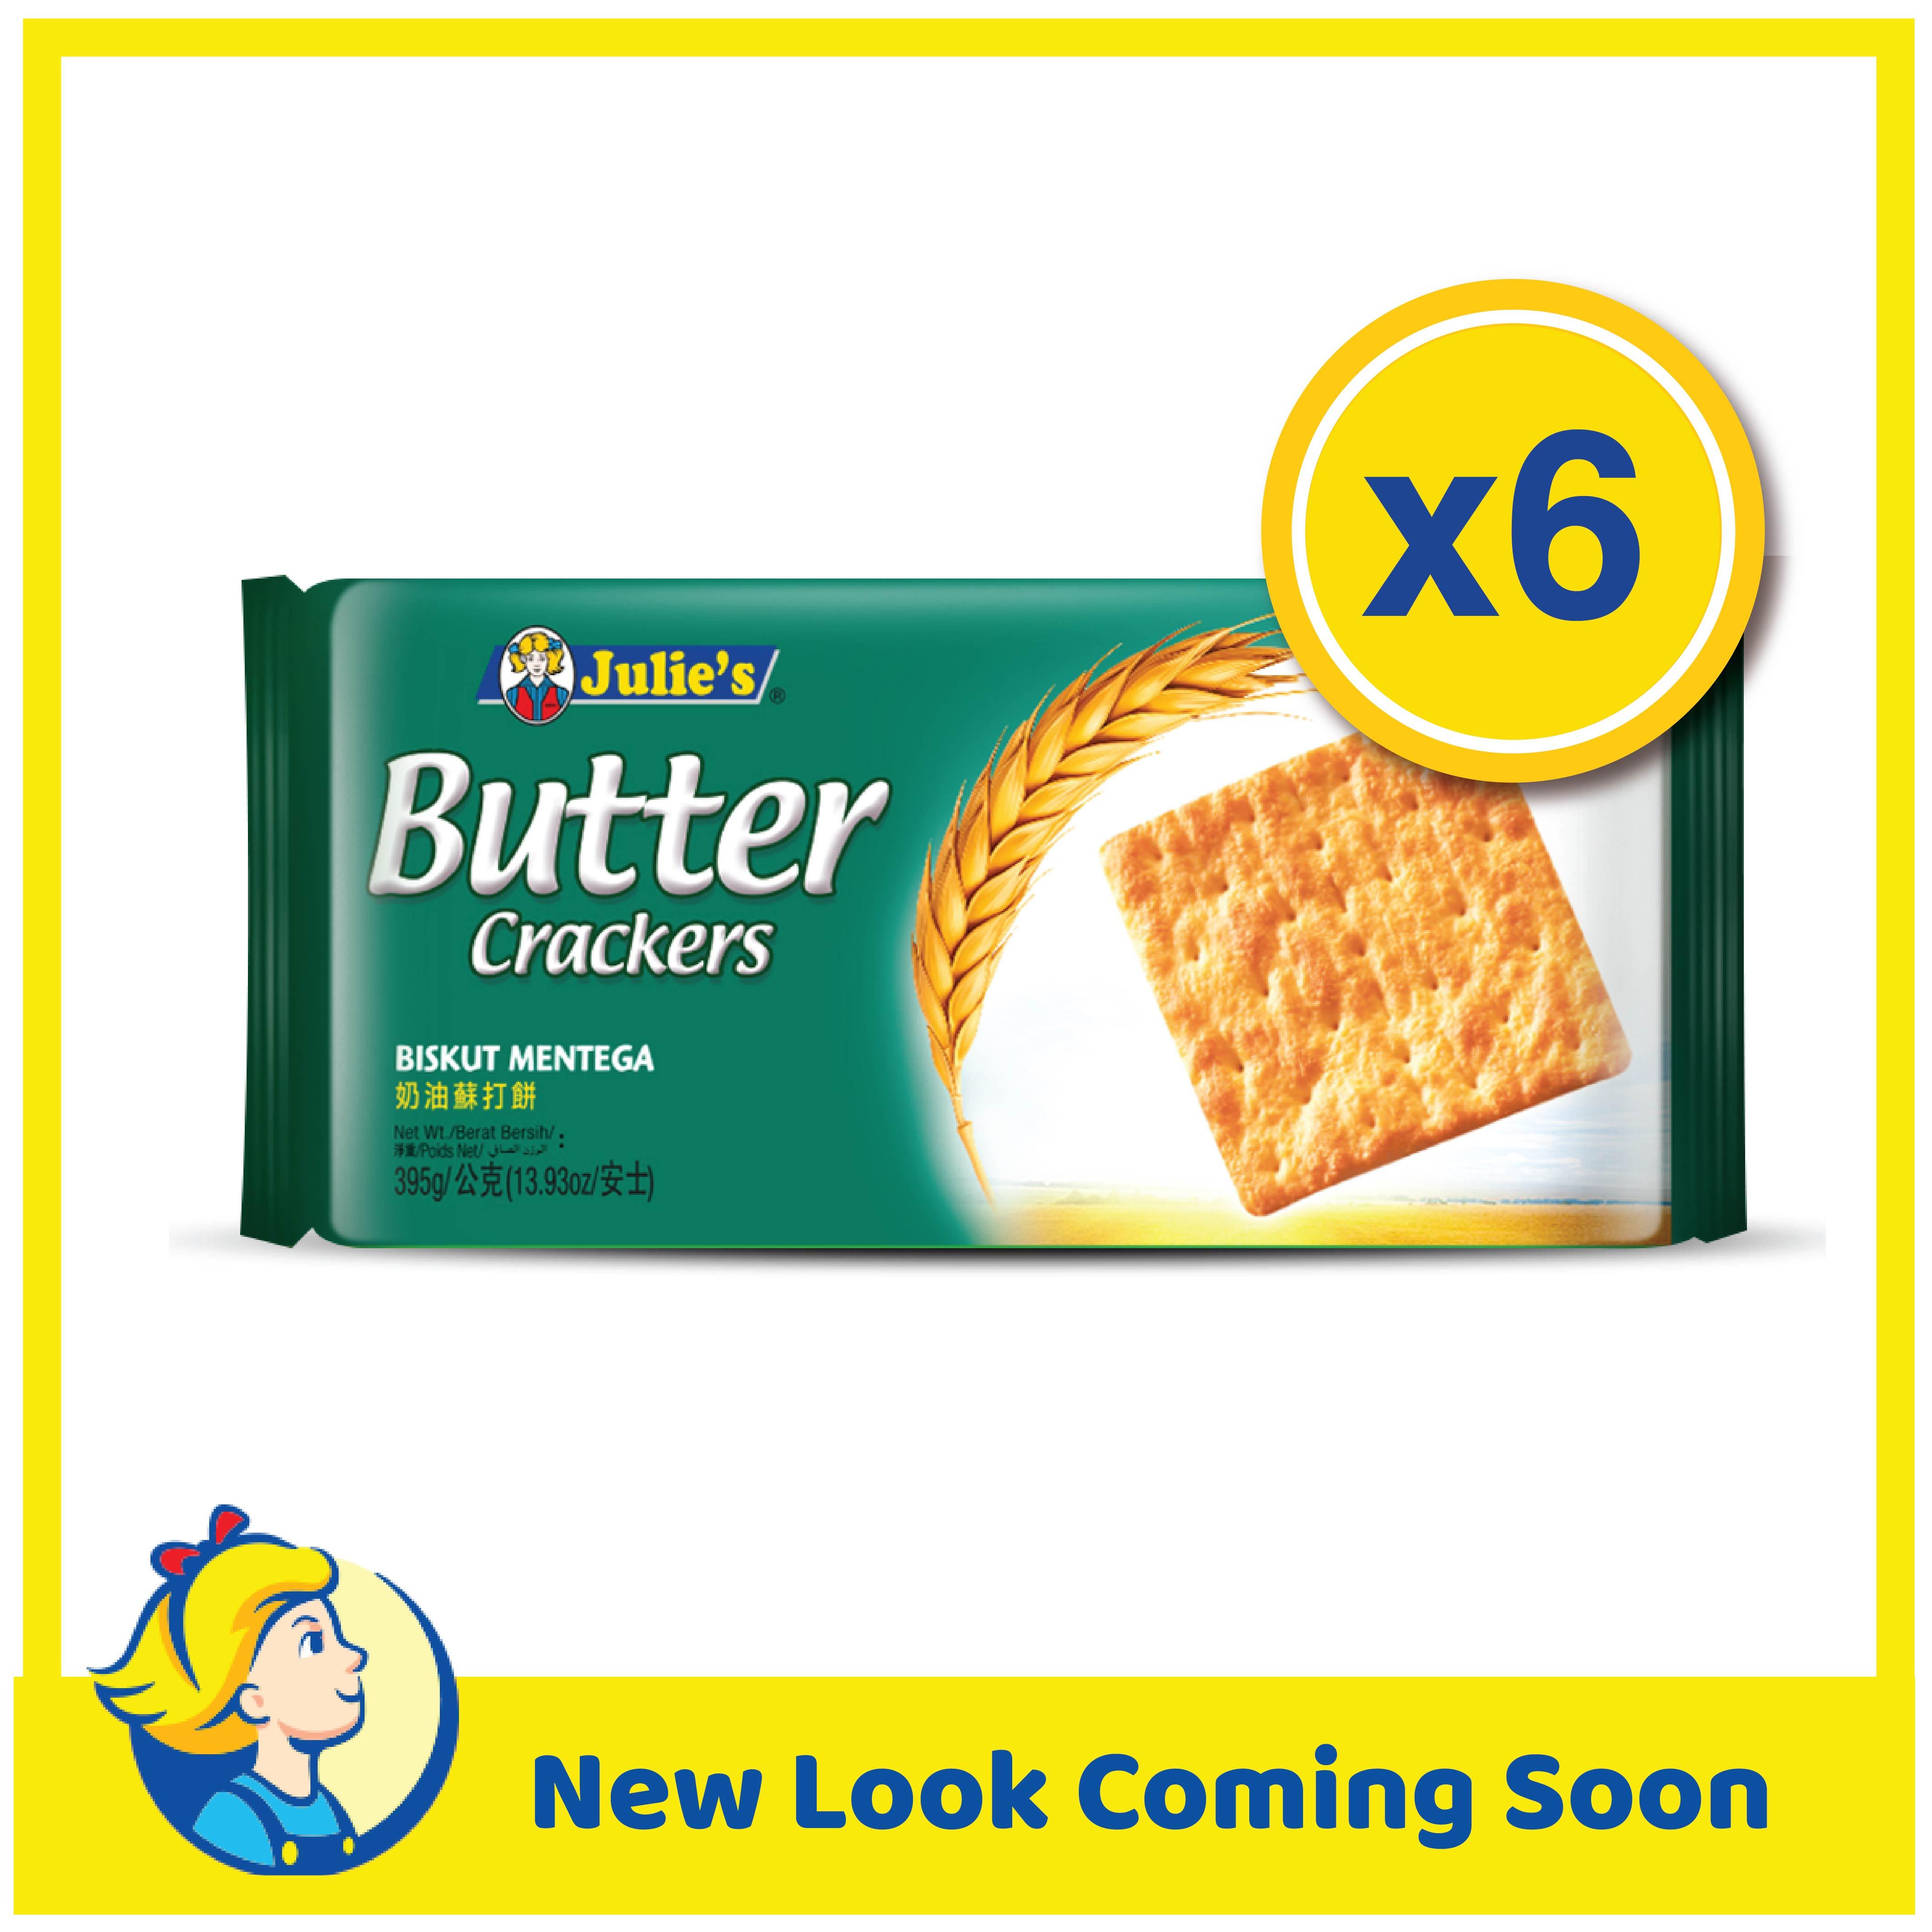 Julies Butter Crackers 395g x 6 Packs